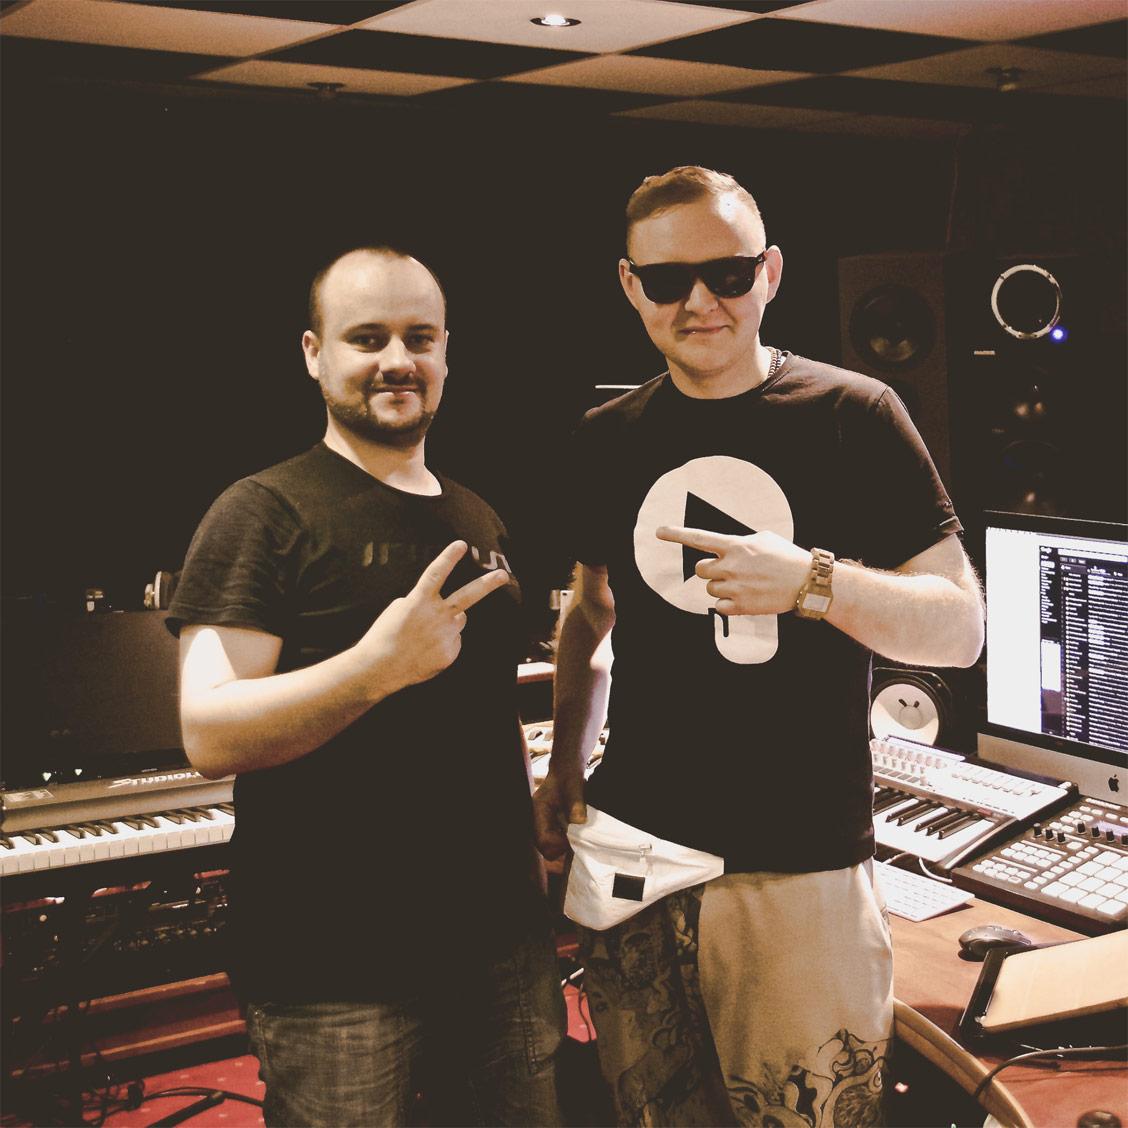 PUK Music i Jarosław JARO Baran w studio nagraniowym Architected Sound